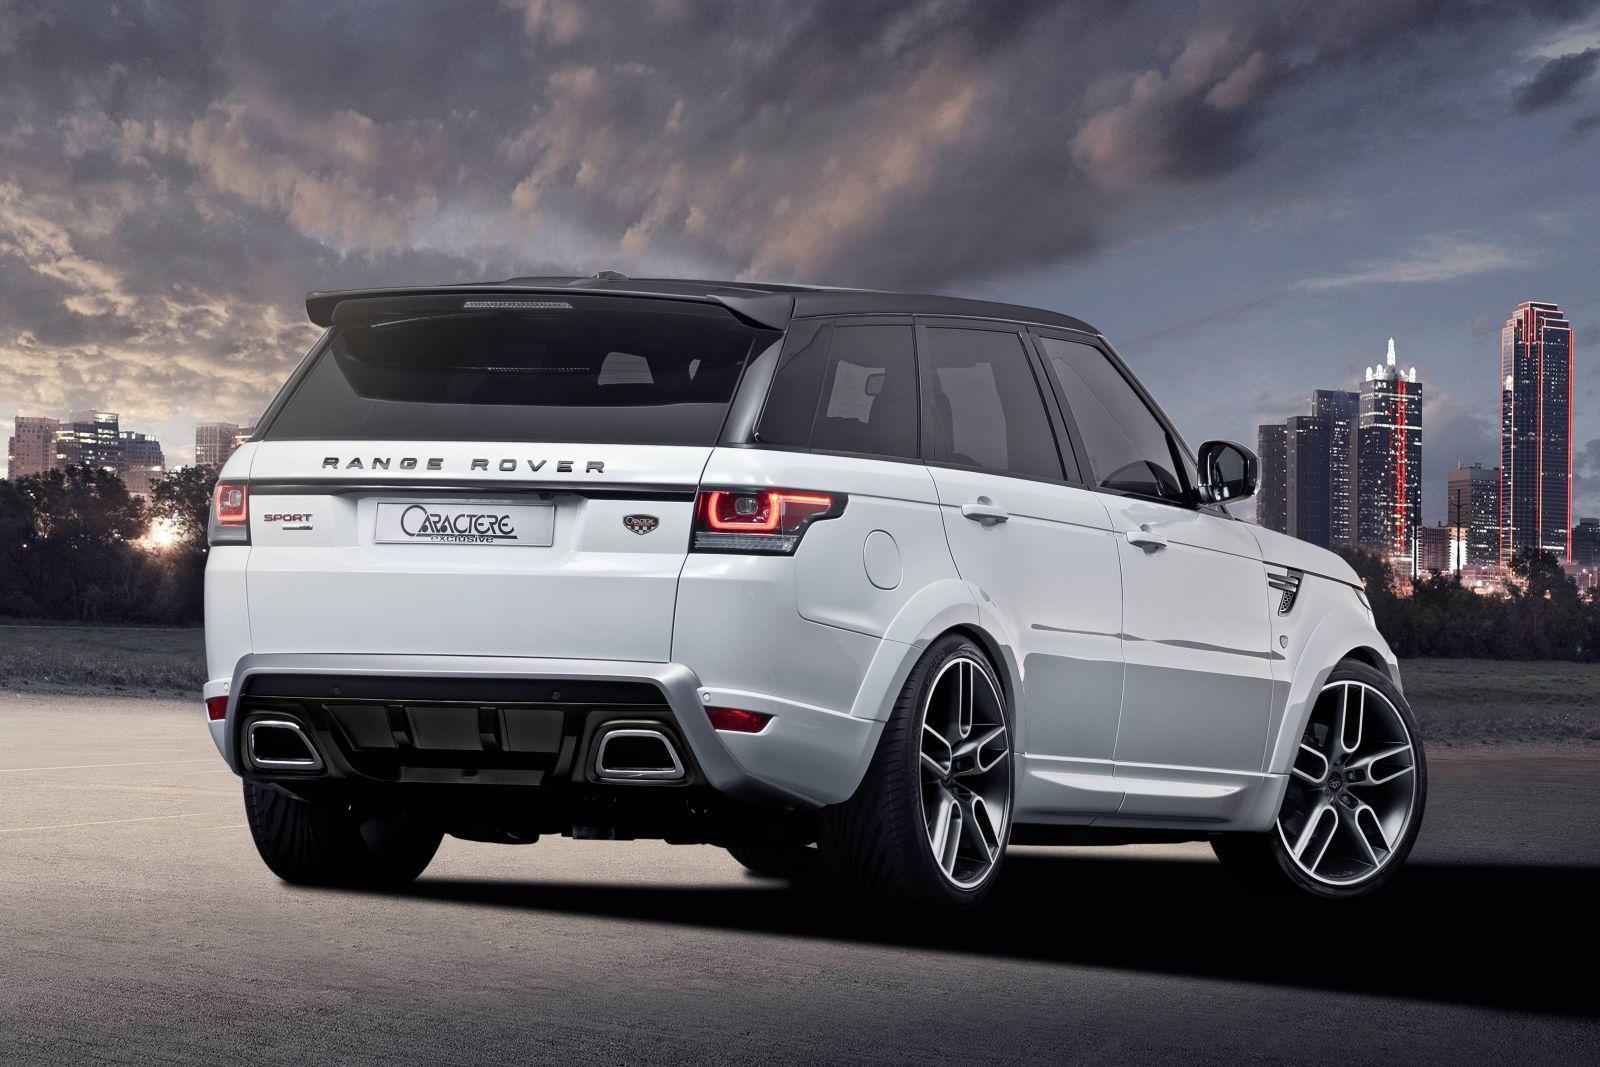 Range Rover Sport 2015 trang bị động cơ 3 lít 6 xi-lanh TDV6 không còn tăng áp kép